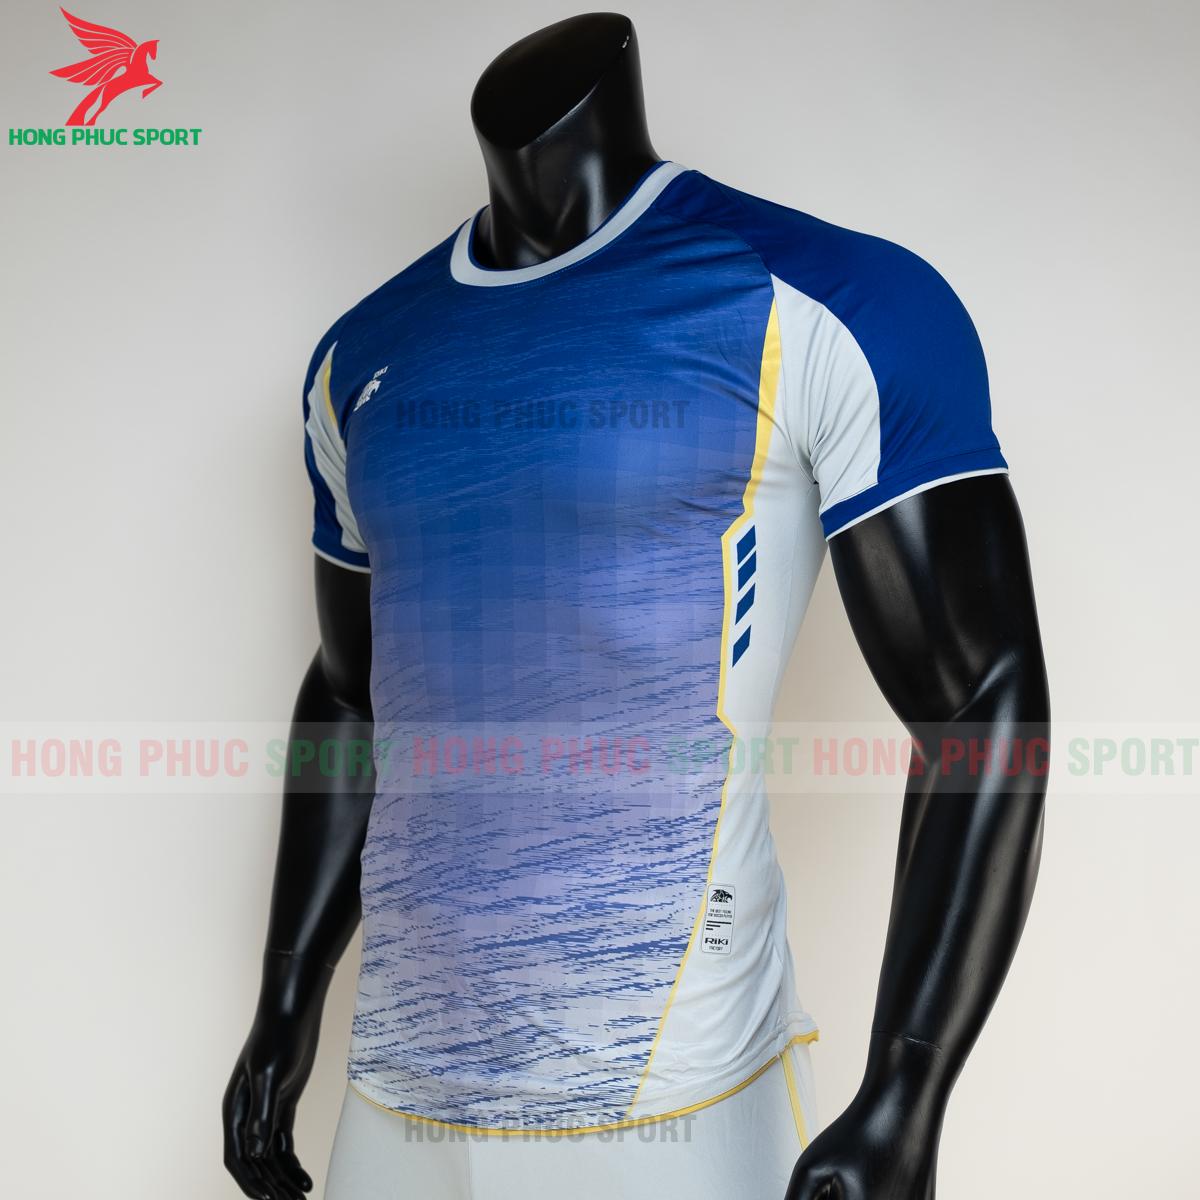 https://cdn.hongphucsport.com/unsafe/s4.shopbay.vn/files/285/ao-bong-da-khong-logo-riki-grambor-mau-xanh-duong-4-60506139d05fe.png